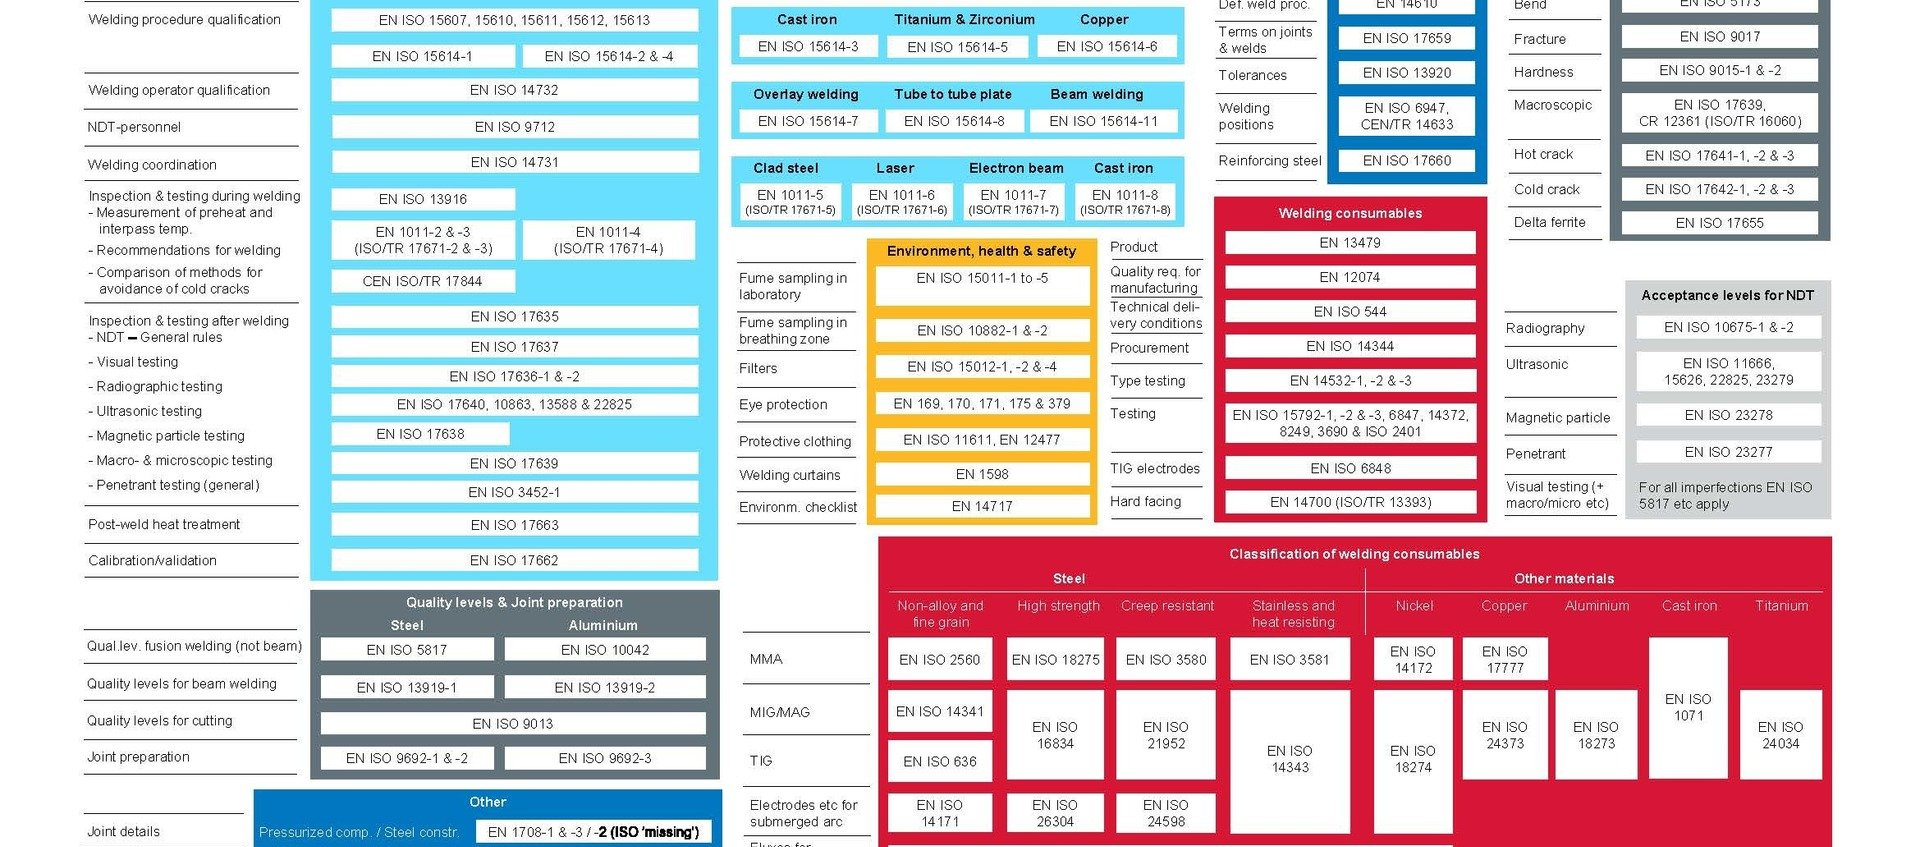 Het beschrijven en goedkeuren van lasmethoden volgens de NEN-EN-ISO-structuur (1)